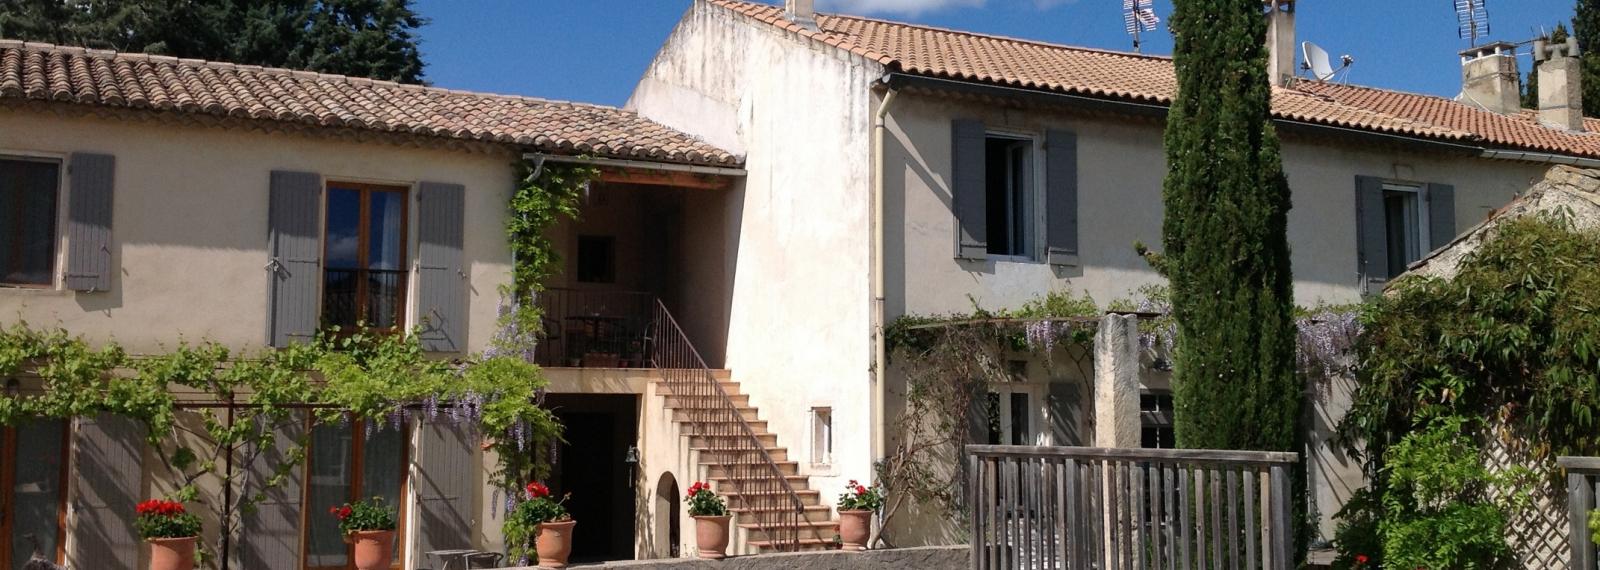 Chambres d'hôtes Mas des Tourterelles à Saint-Rémy-de-Provence